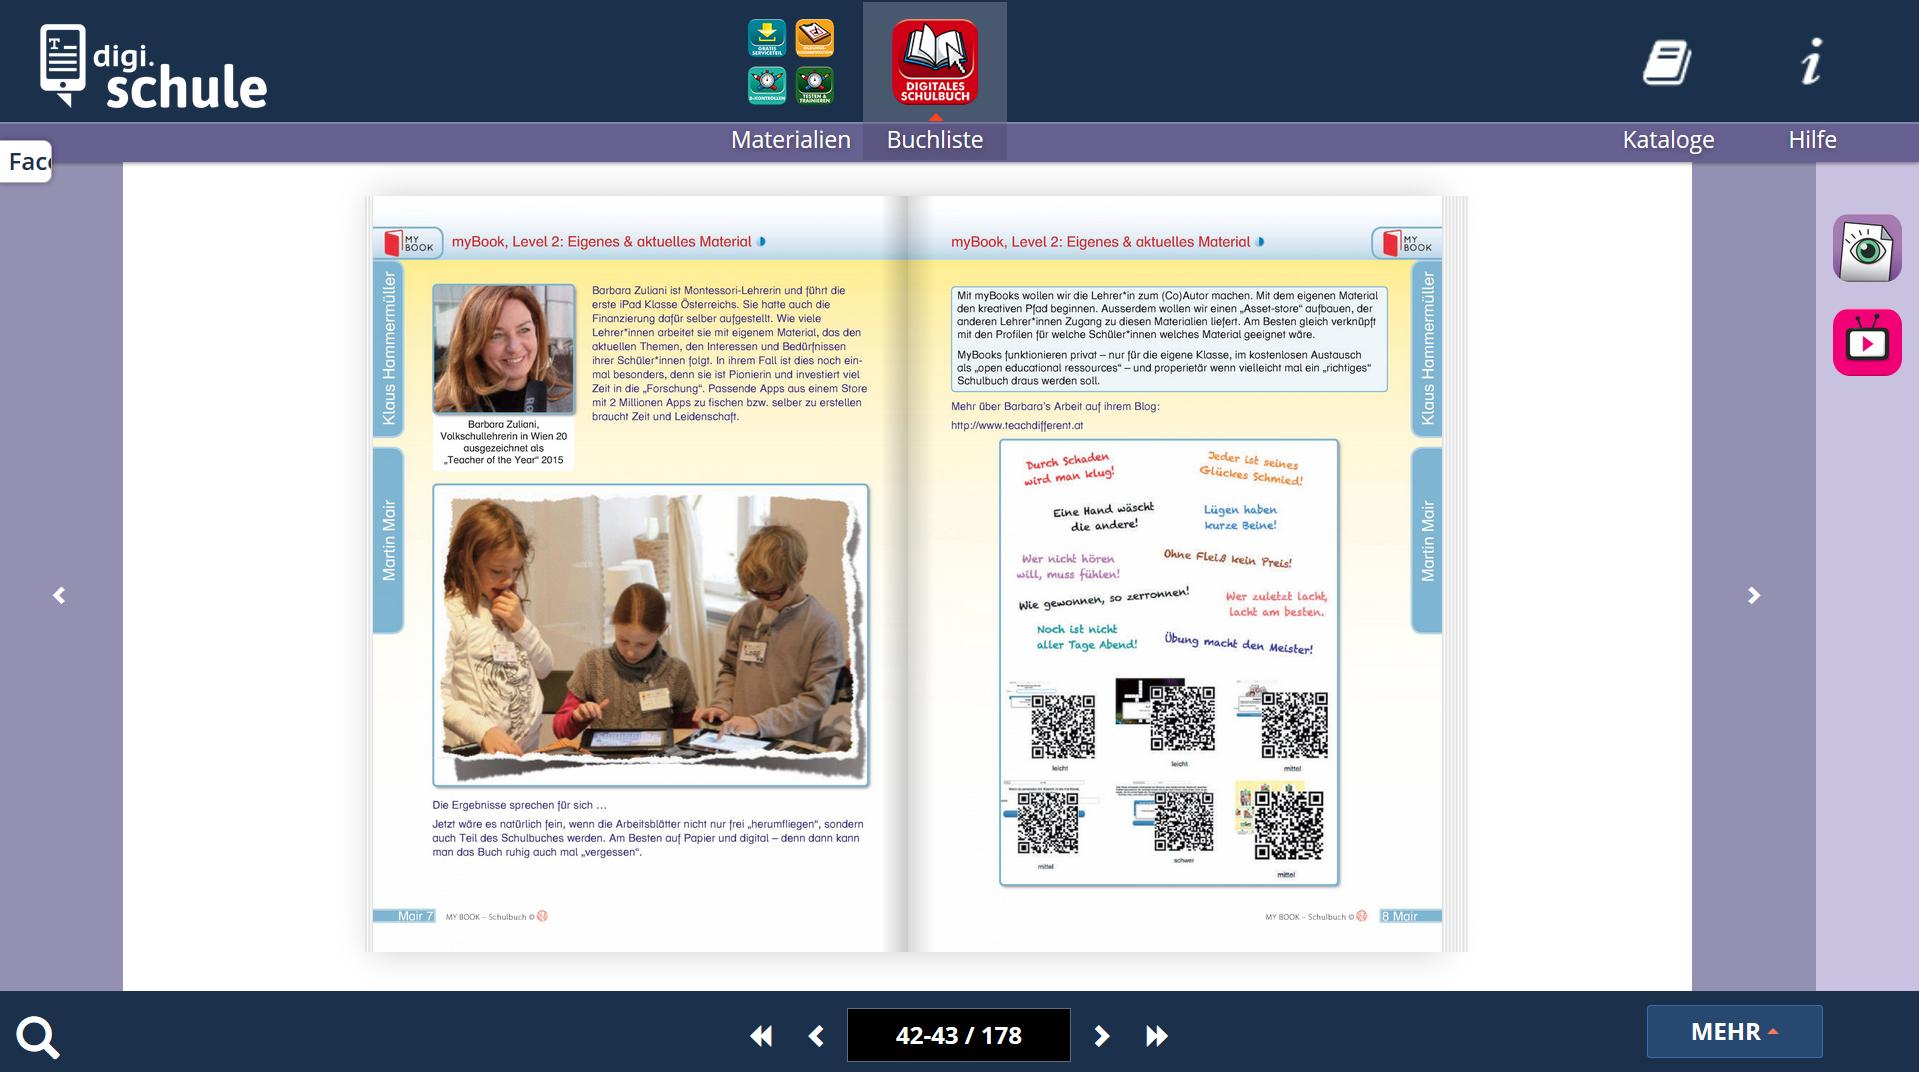 Learning is Personal! A Learning-Logbook for School: www.respekt.net